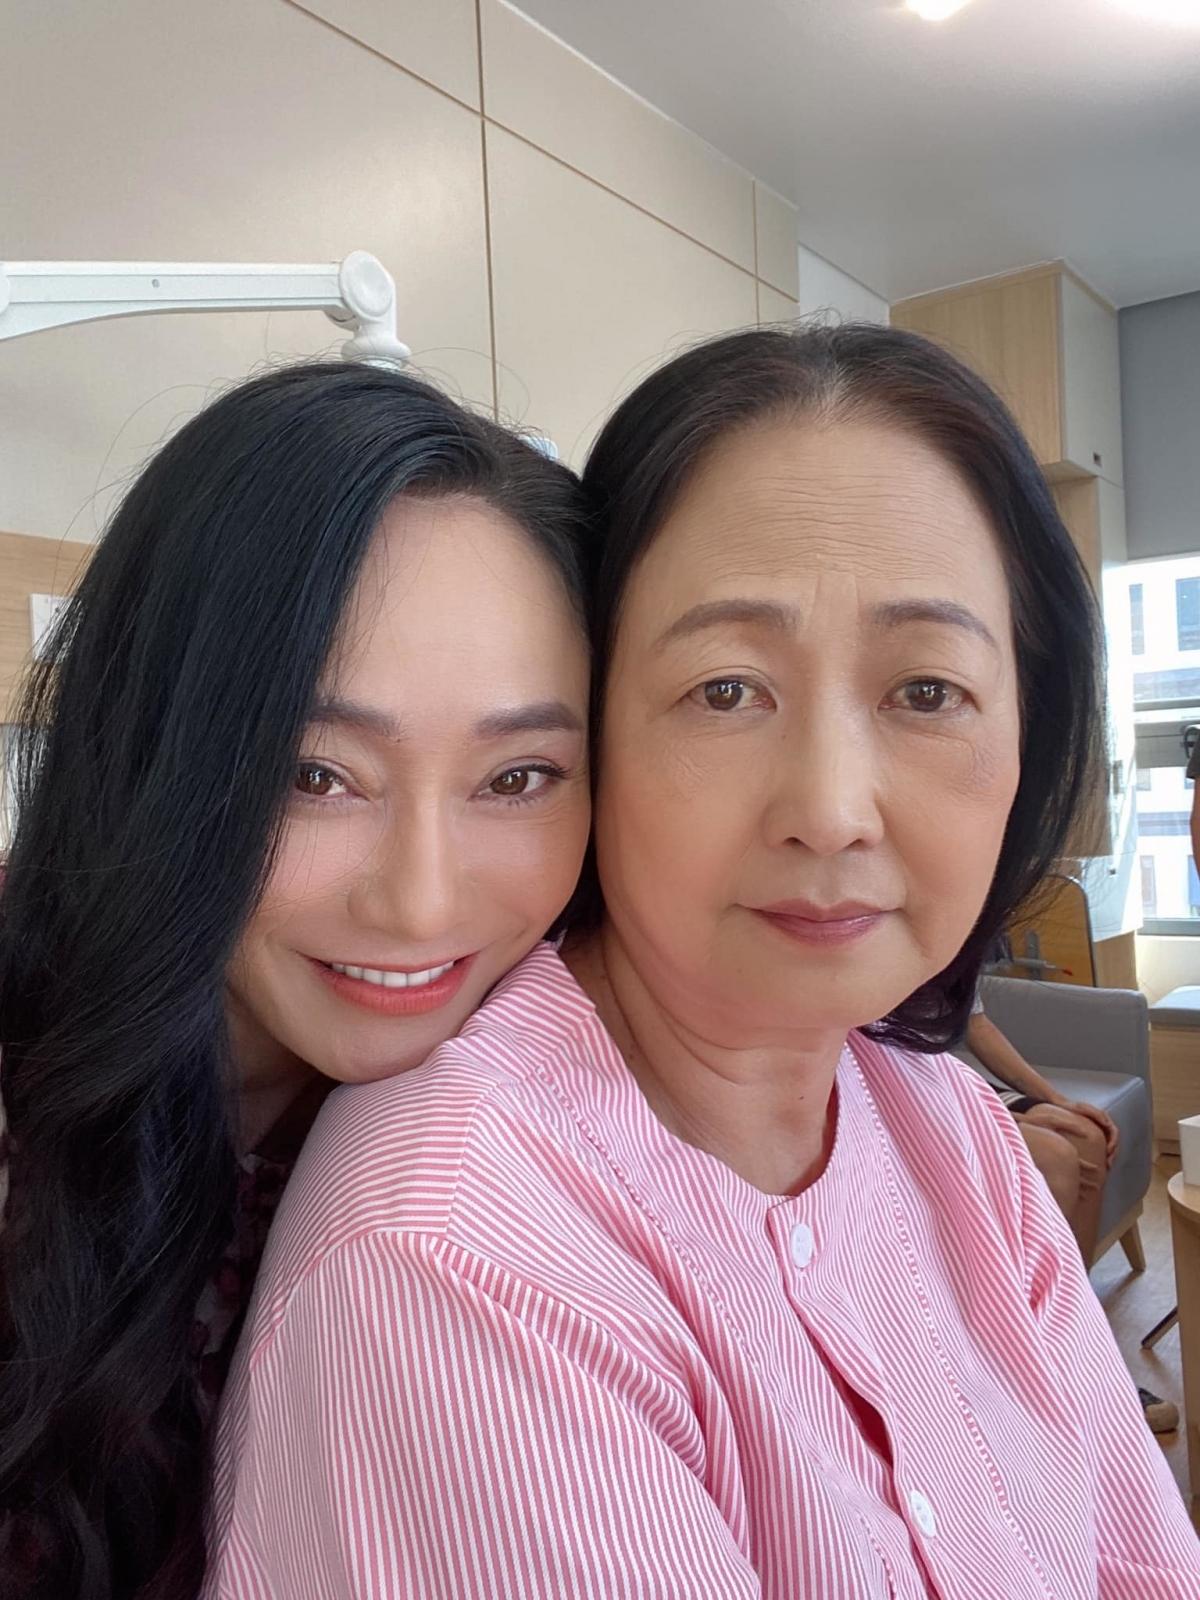 Trên phim, bà Xuân mẹ chồng ghét ra mặt nhưng ở hậu trường, Quách Thu Phương và NSND Như Quỳnh rất gần gũi.